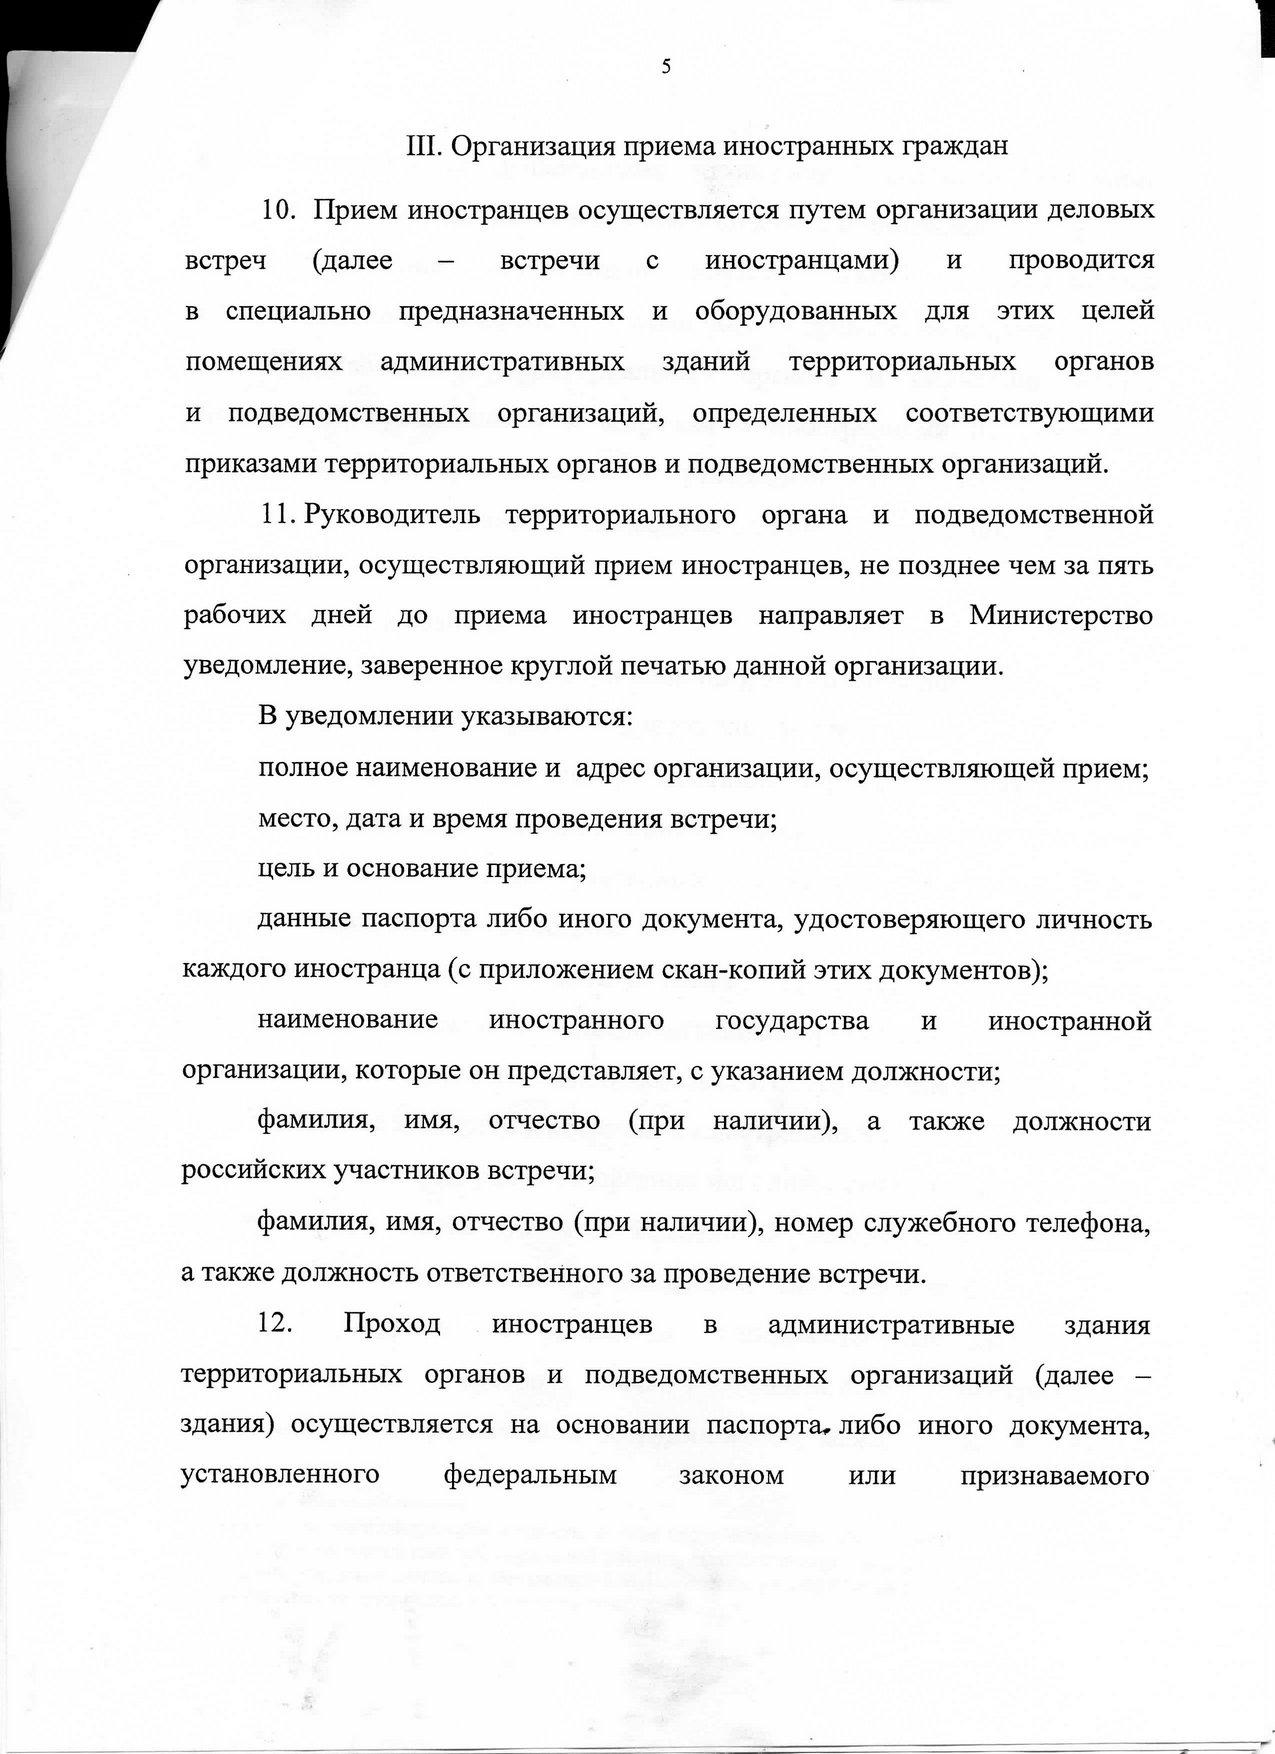 Вход по паспорту, отбирать часы. Российские учёные возмущены приказом Минобрнауки о правилах контактов с иностранцами - 4